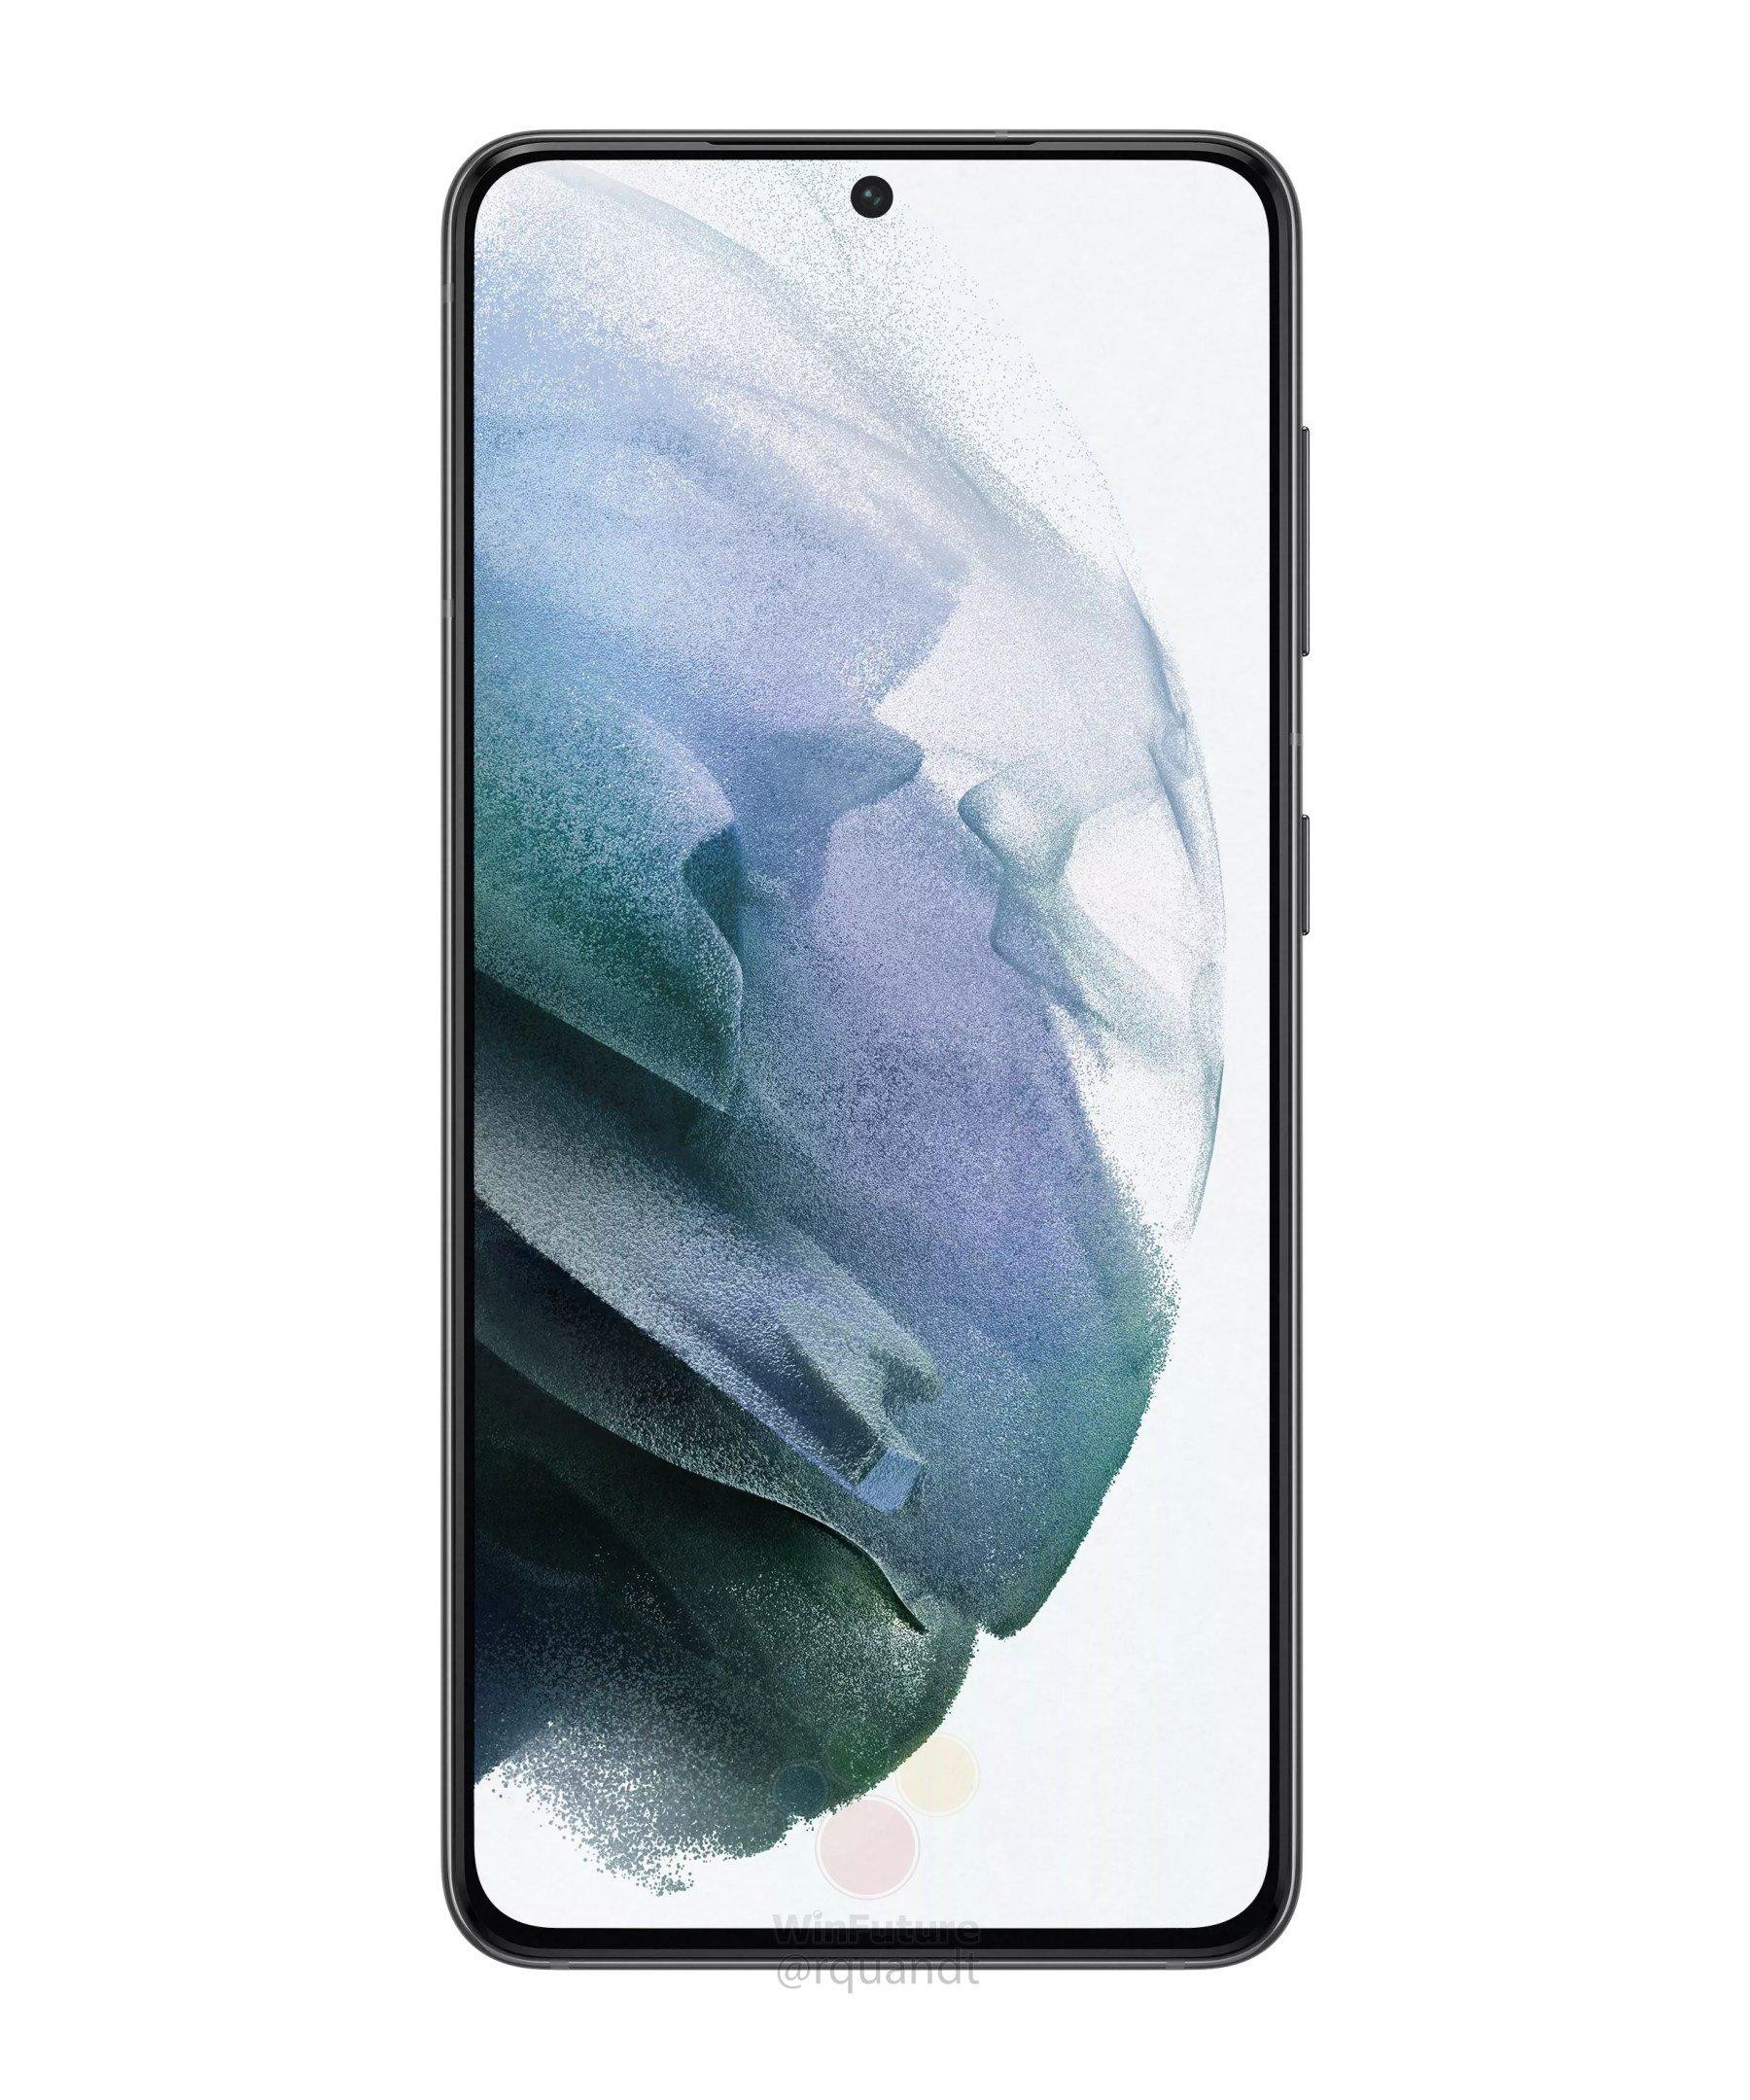 Samsung-Galaxy-S21-1608930586-0-0